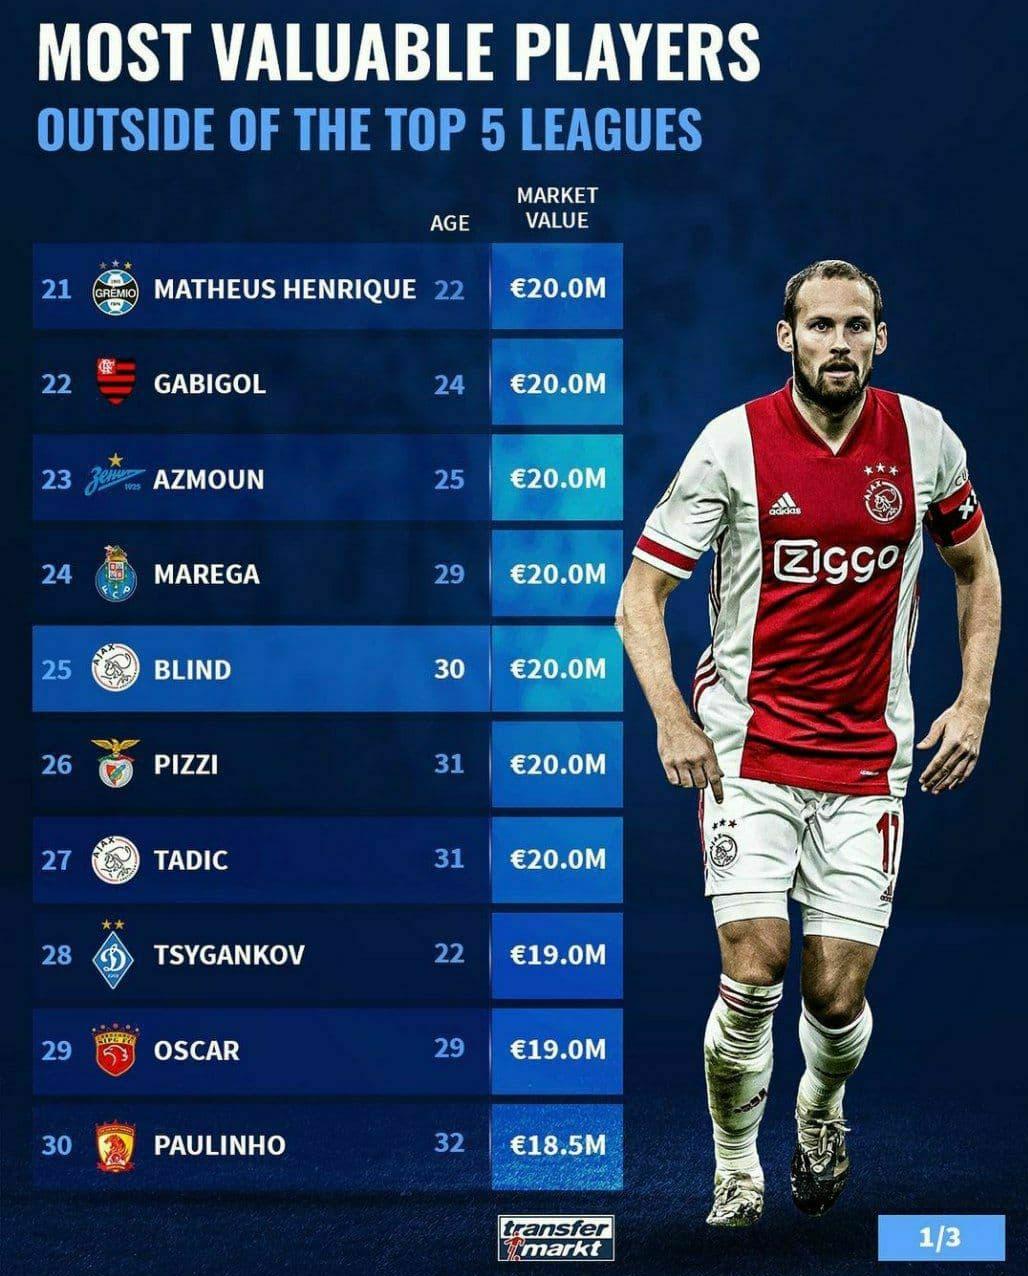 سردار آزمون در رتبه 23 باارزش ترین بازیکنان خارج از 5 لیگ معتبر اروپایی